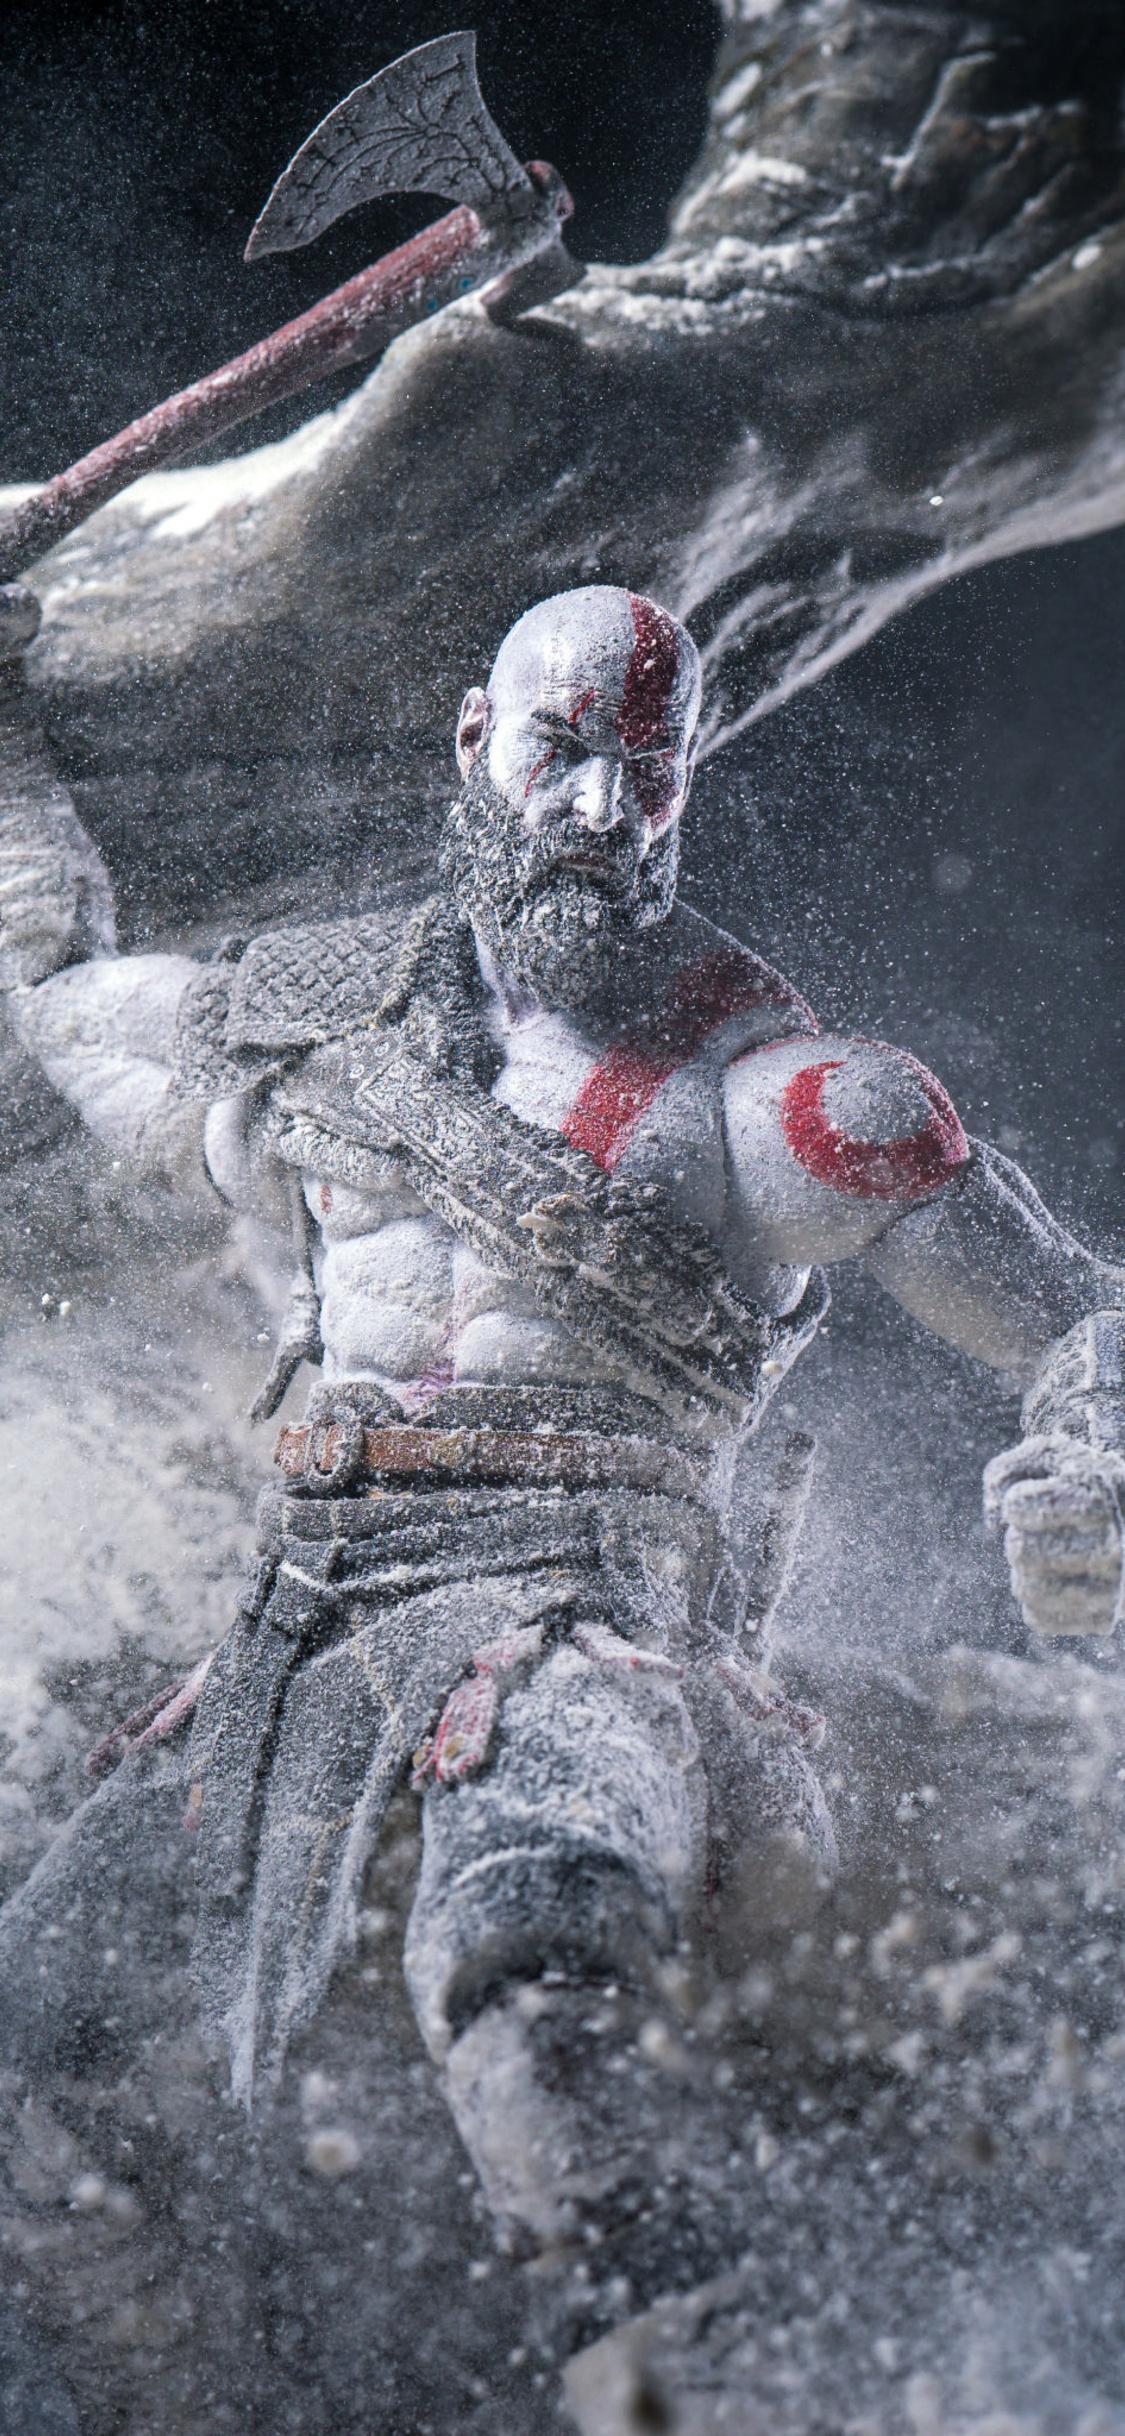 1125x2436 Kratos God Of War Video Game Iphone Xs Iphone 10 Iphone X